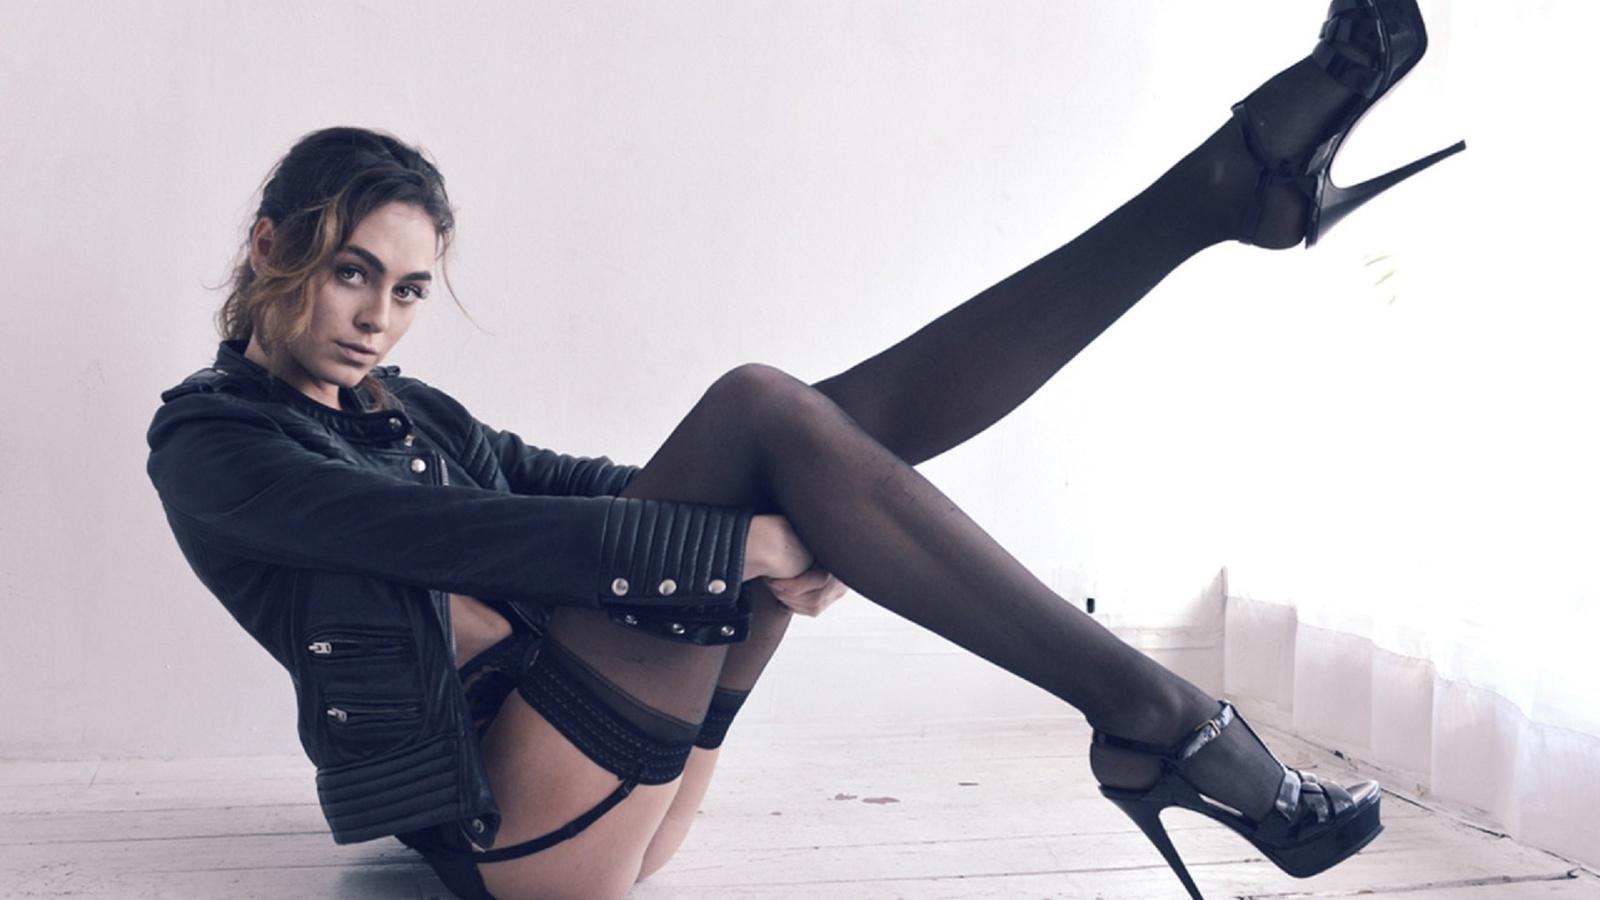 девушка в чулках на каблуках именно это порно